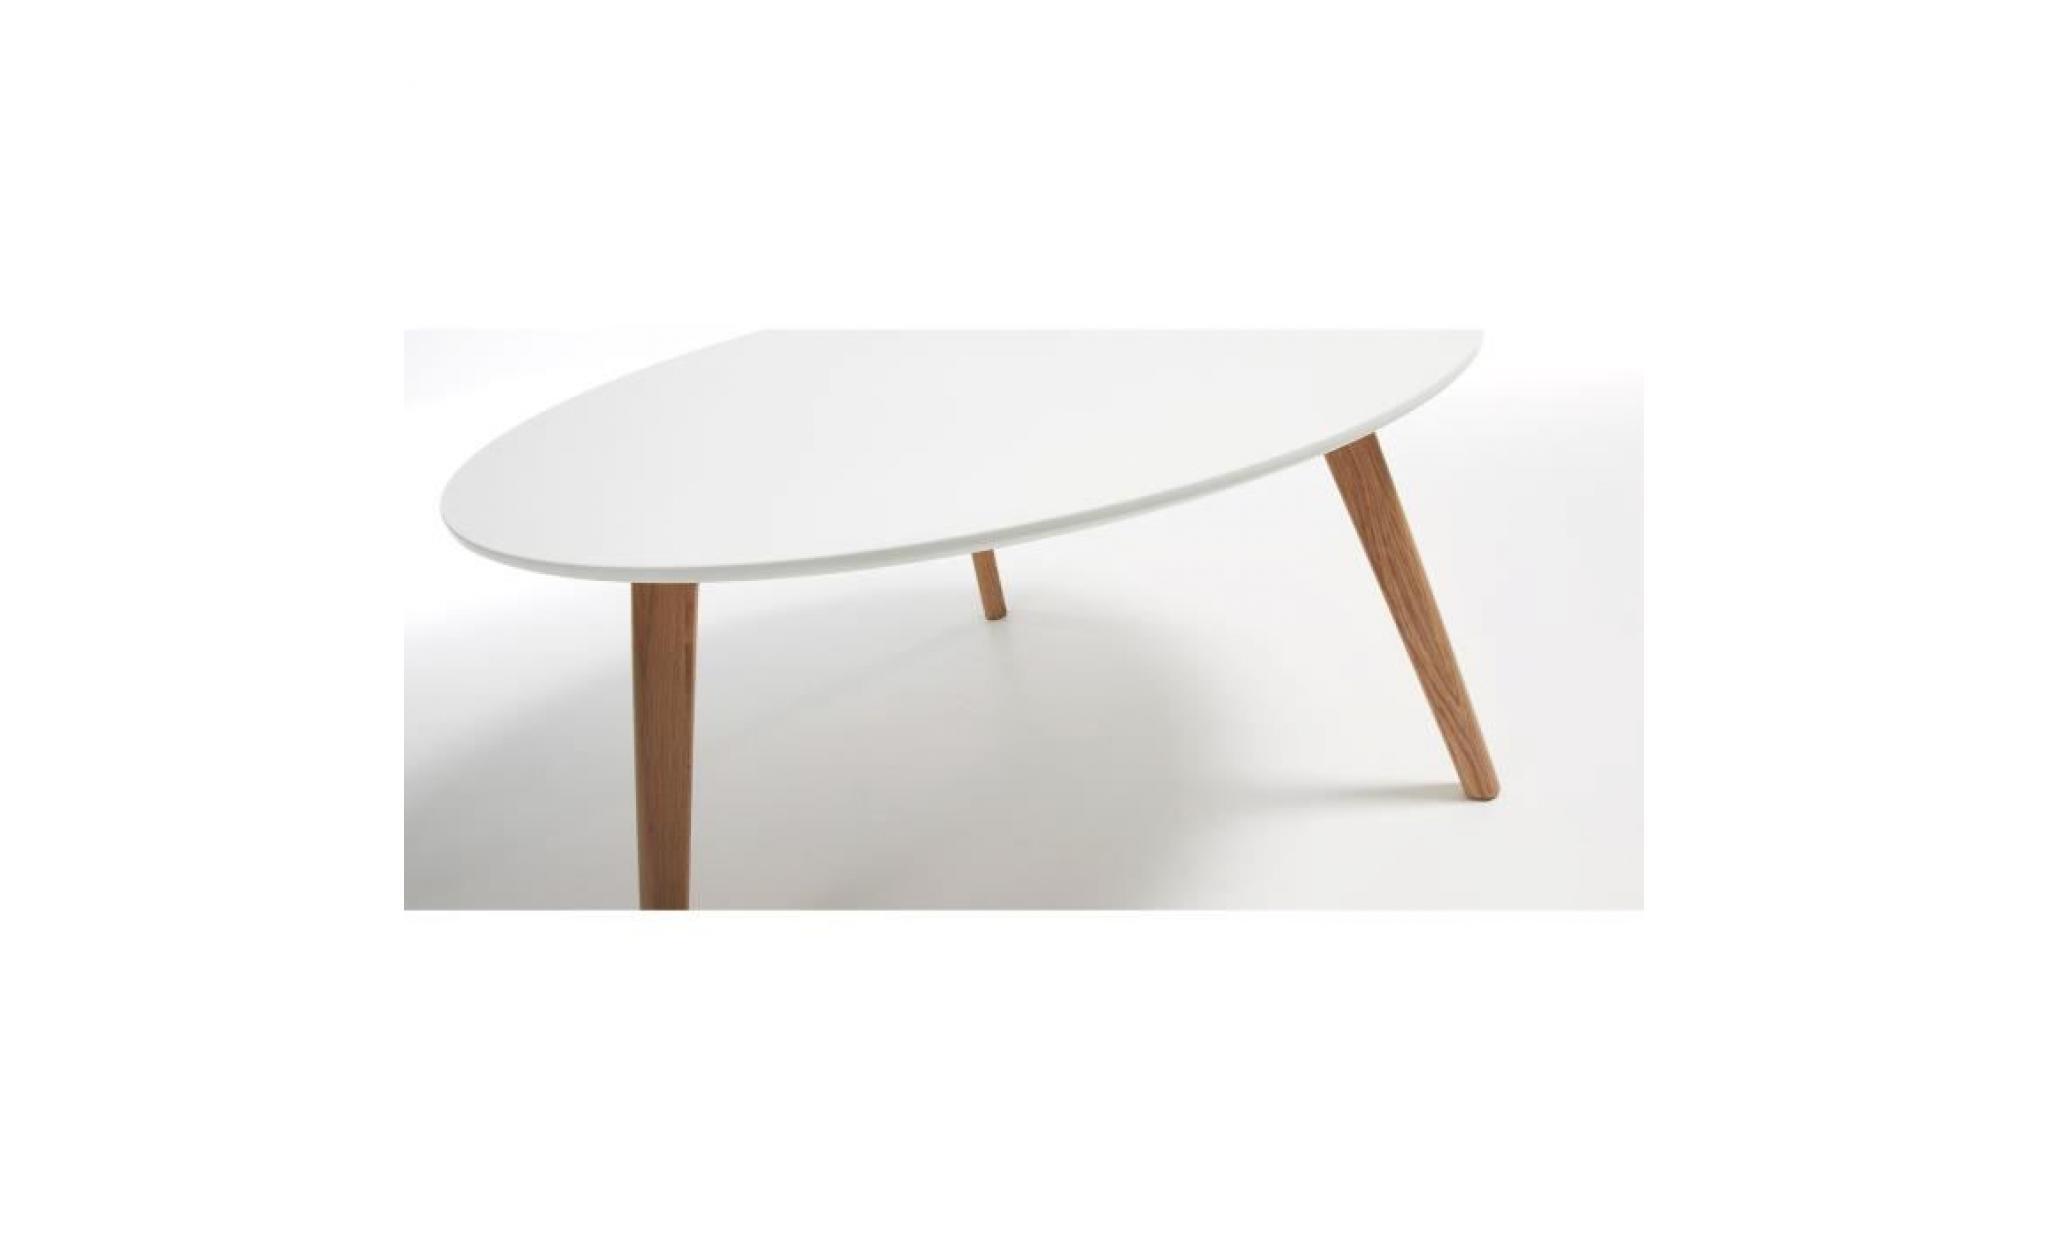 table basse kirb 90 cm blanc achat vente table basse pas cher couleur et design fr